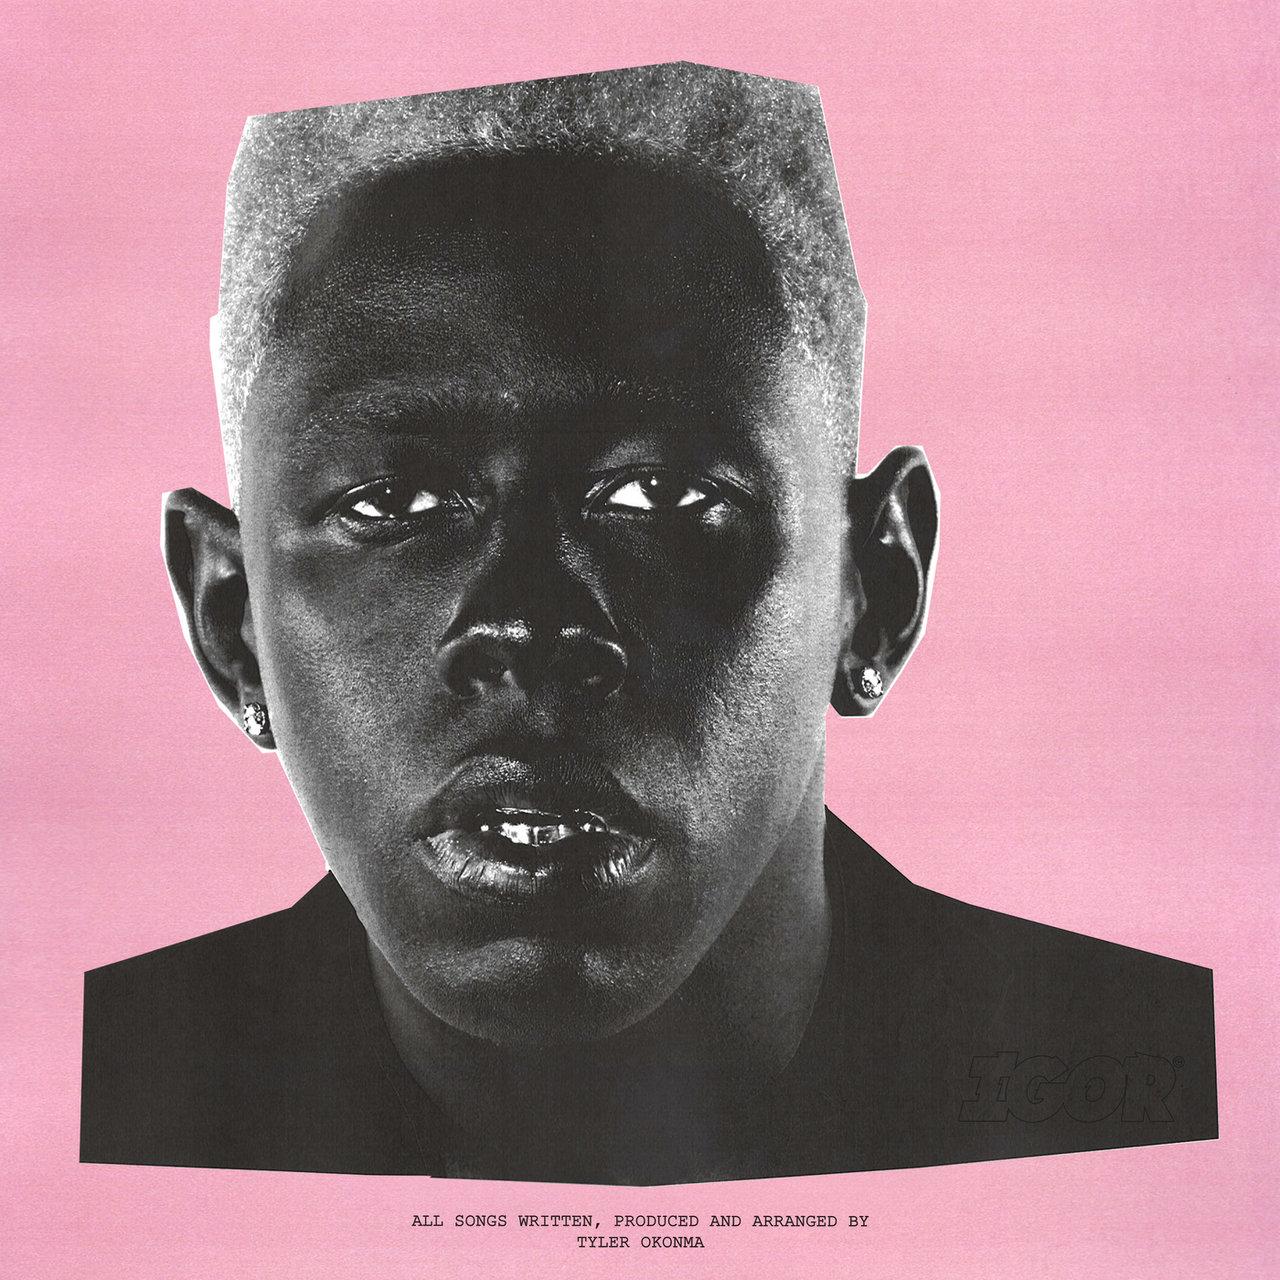 ALBUM DISCUSSION] Tyler, the Creator - Igor : indieheads